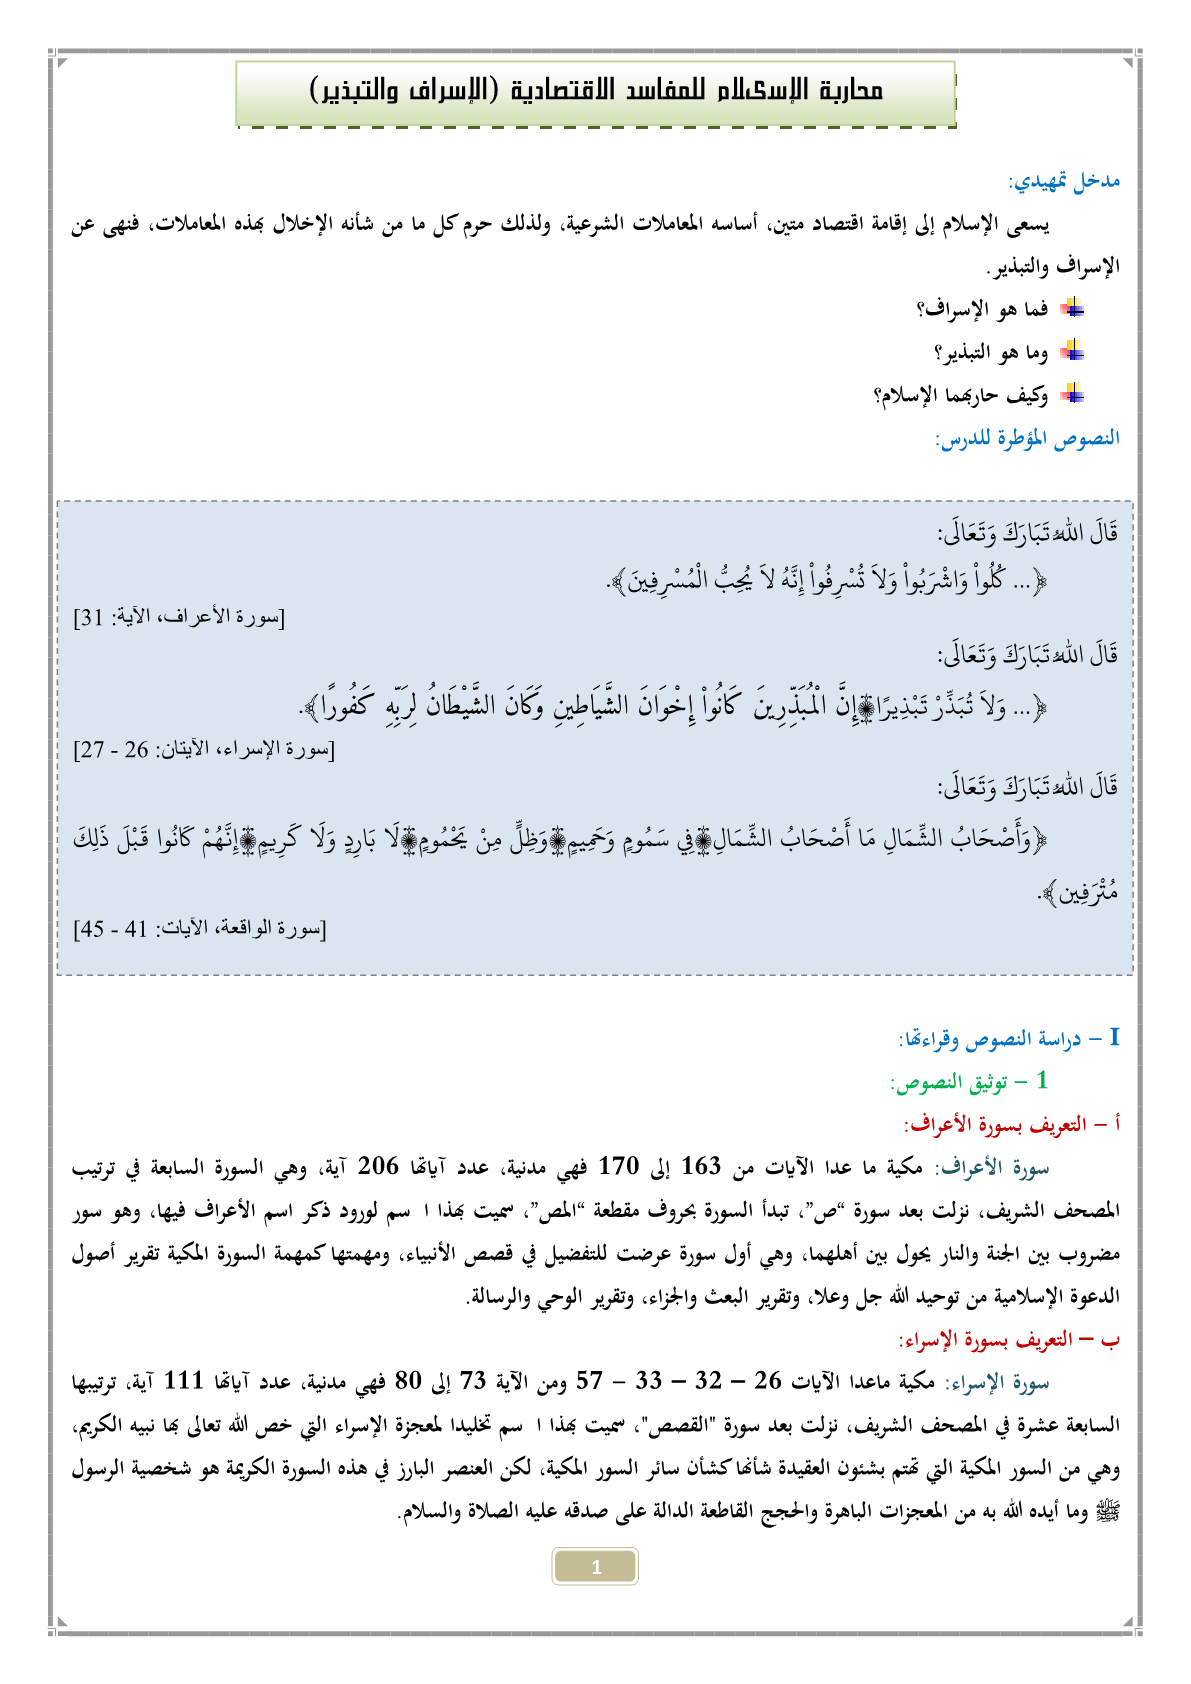 درس محاربة الإسلام للمفاسد الاقتصادية للسنة الثانية إعدادي